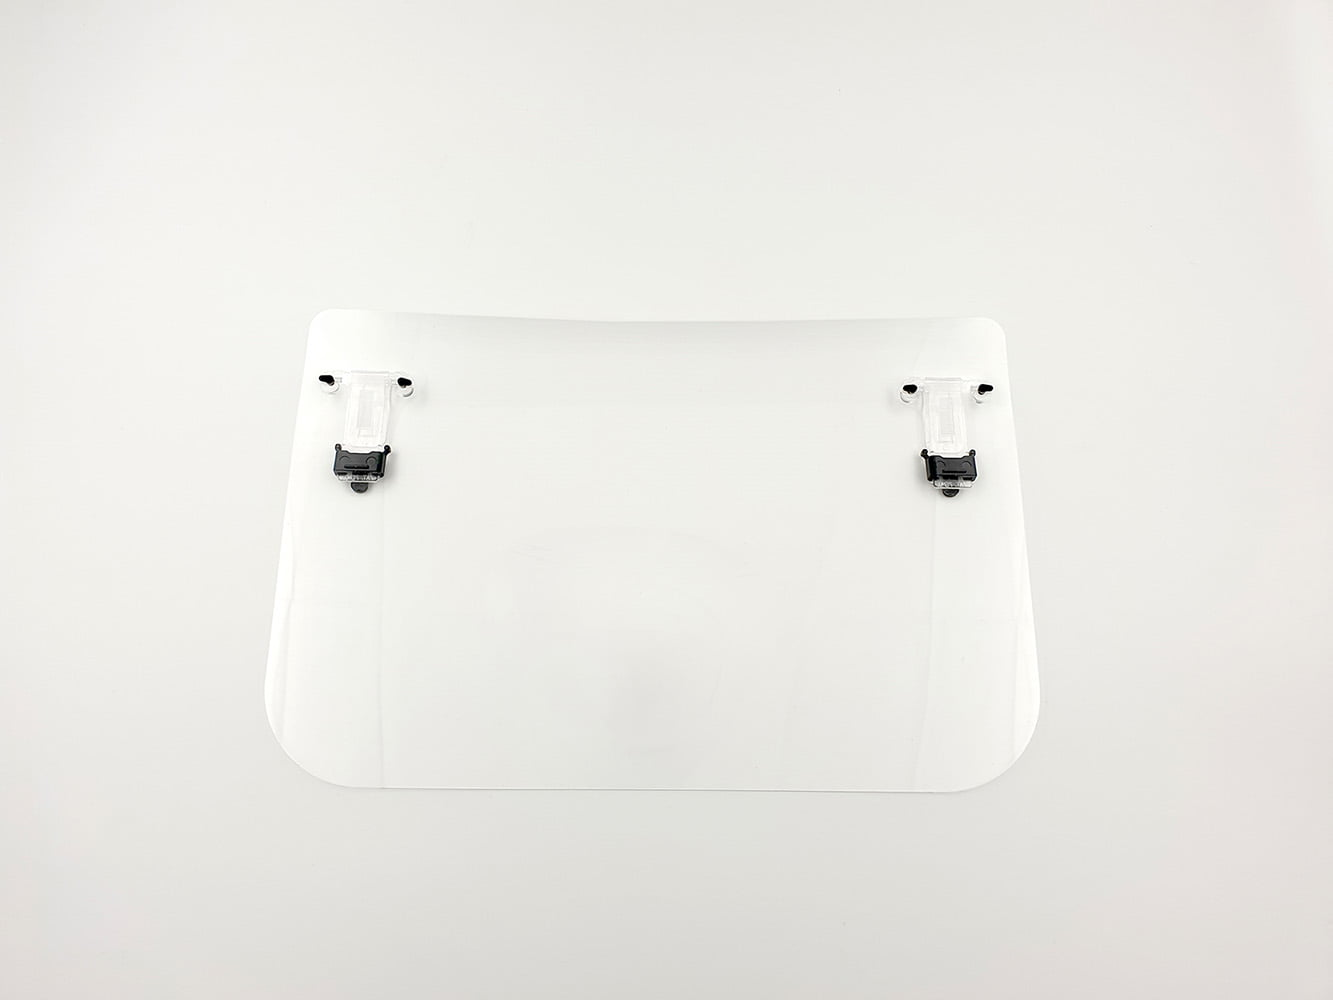 Visiera Protettiva / Protective Face Visor MOD. SP-2002 - Healthcare by Silcon Plastic